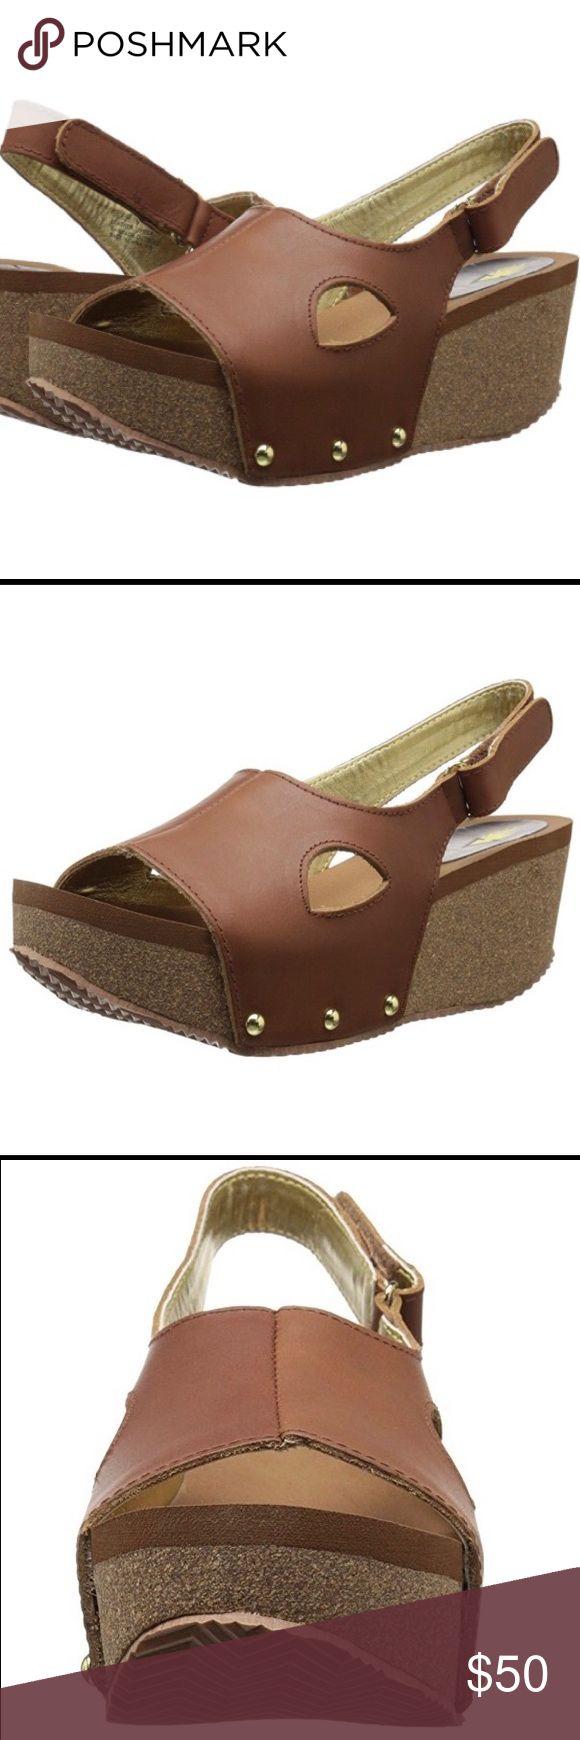 Selling this Volatile Wedges on Poshmark! My username is: rkbferguson. #shopmycloset #poshmark #fashion #shopping #style #forsale #Volatile #Shoes